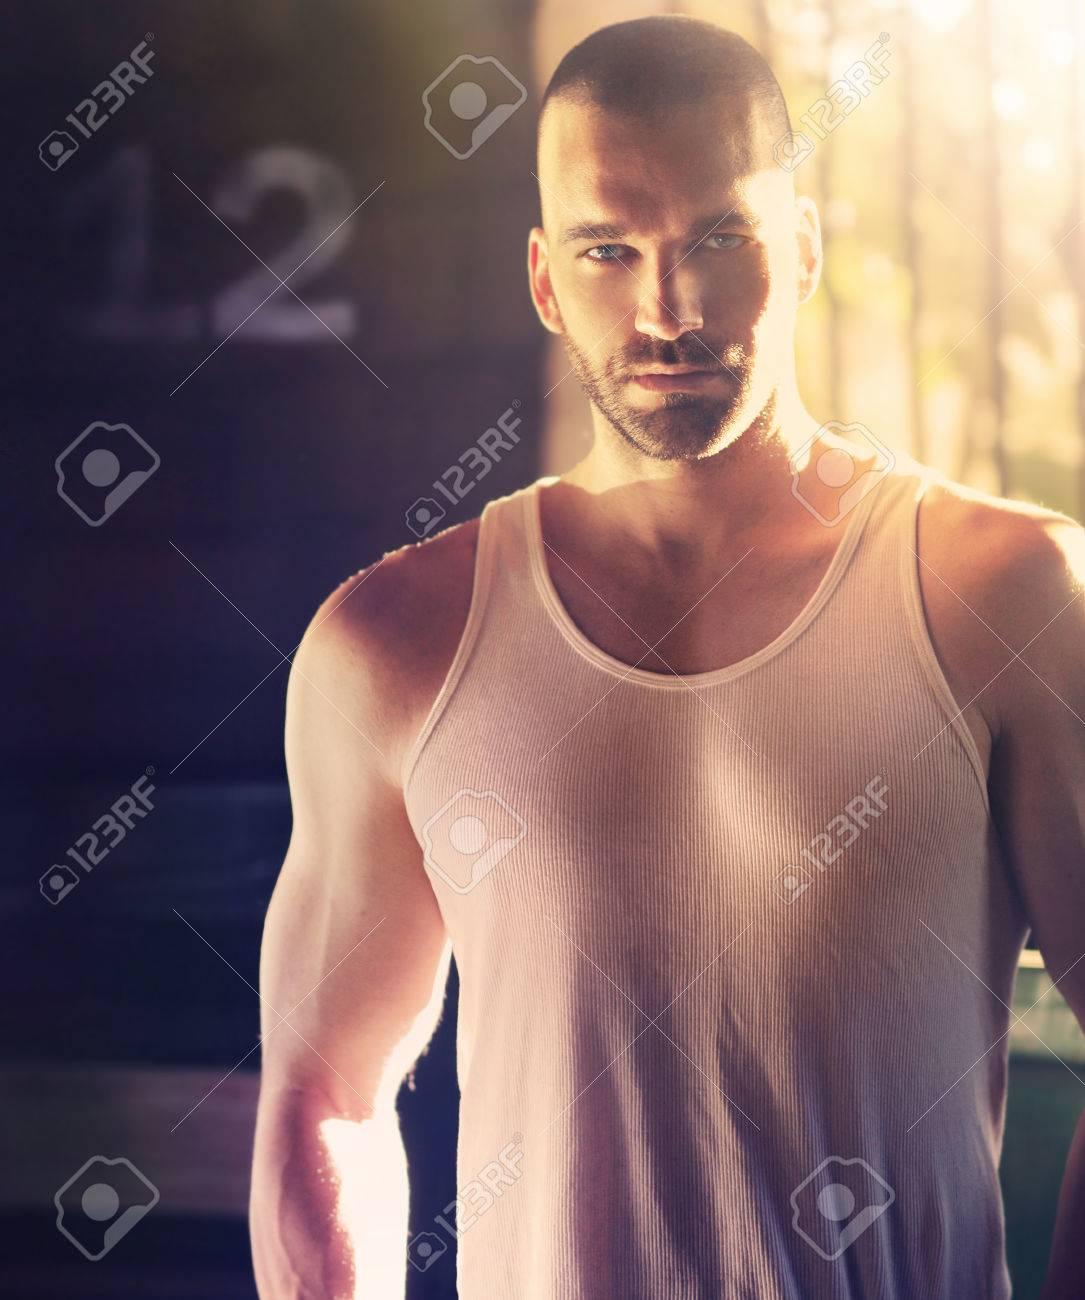 Portrait sexy de l'homme masculin avec la tête rasée en lumière dramatique dur et ombre Banque d'images - 28530638